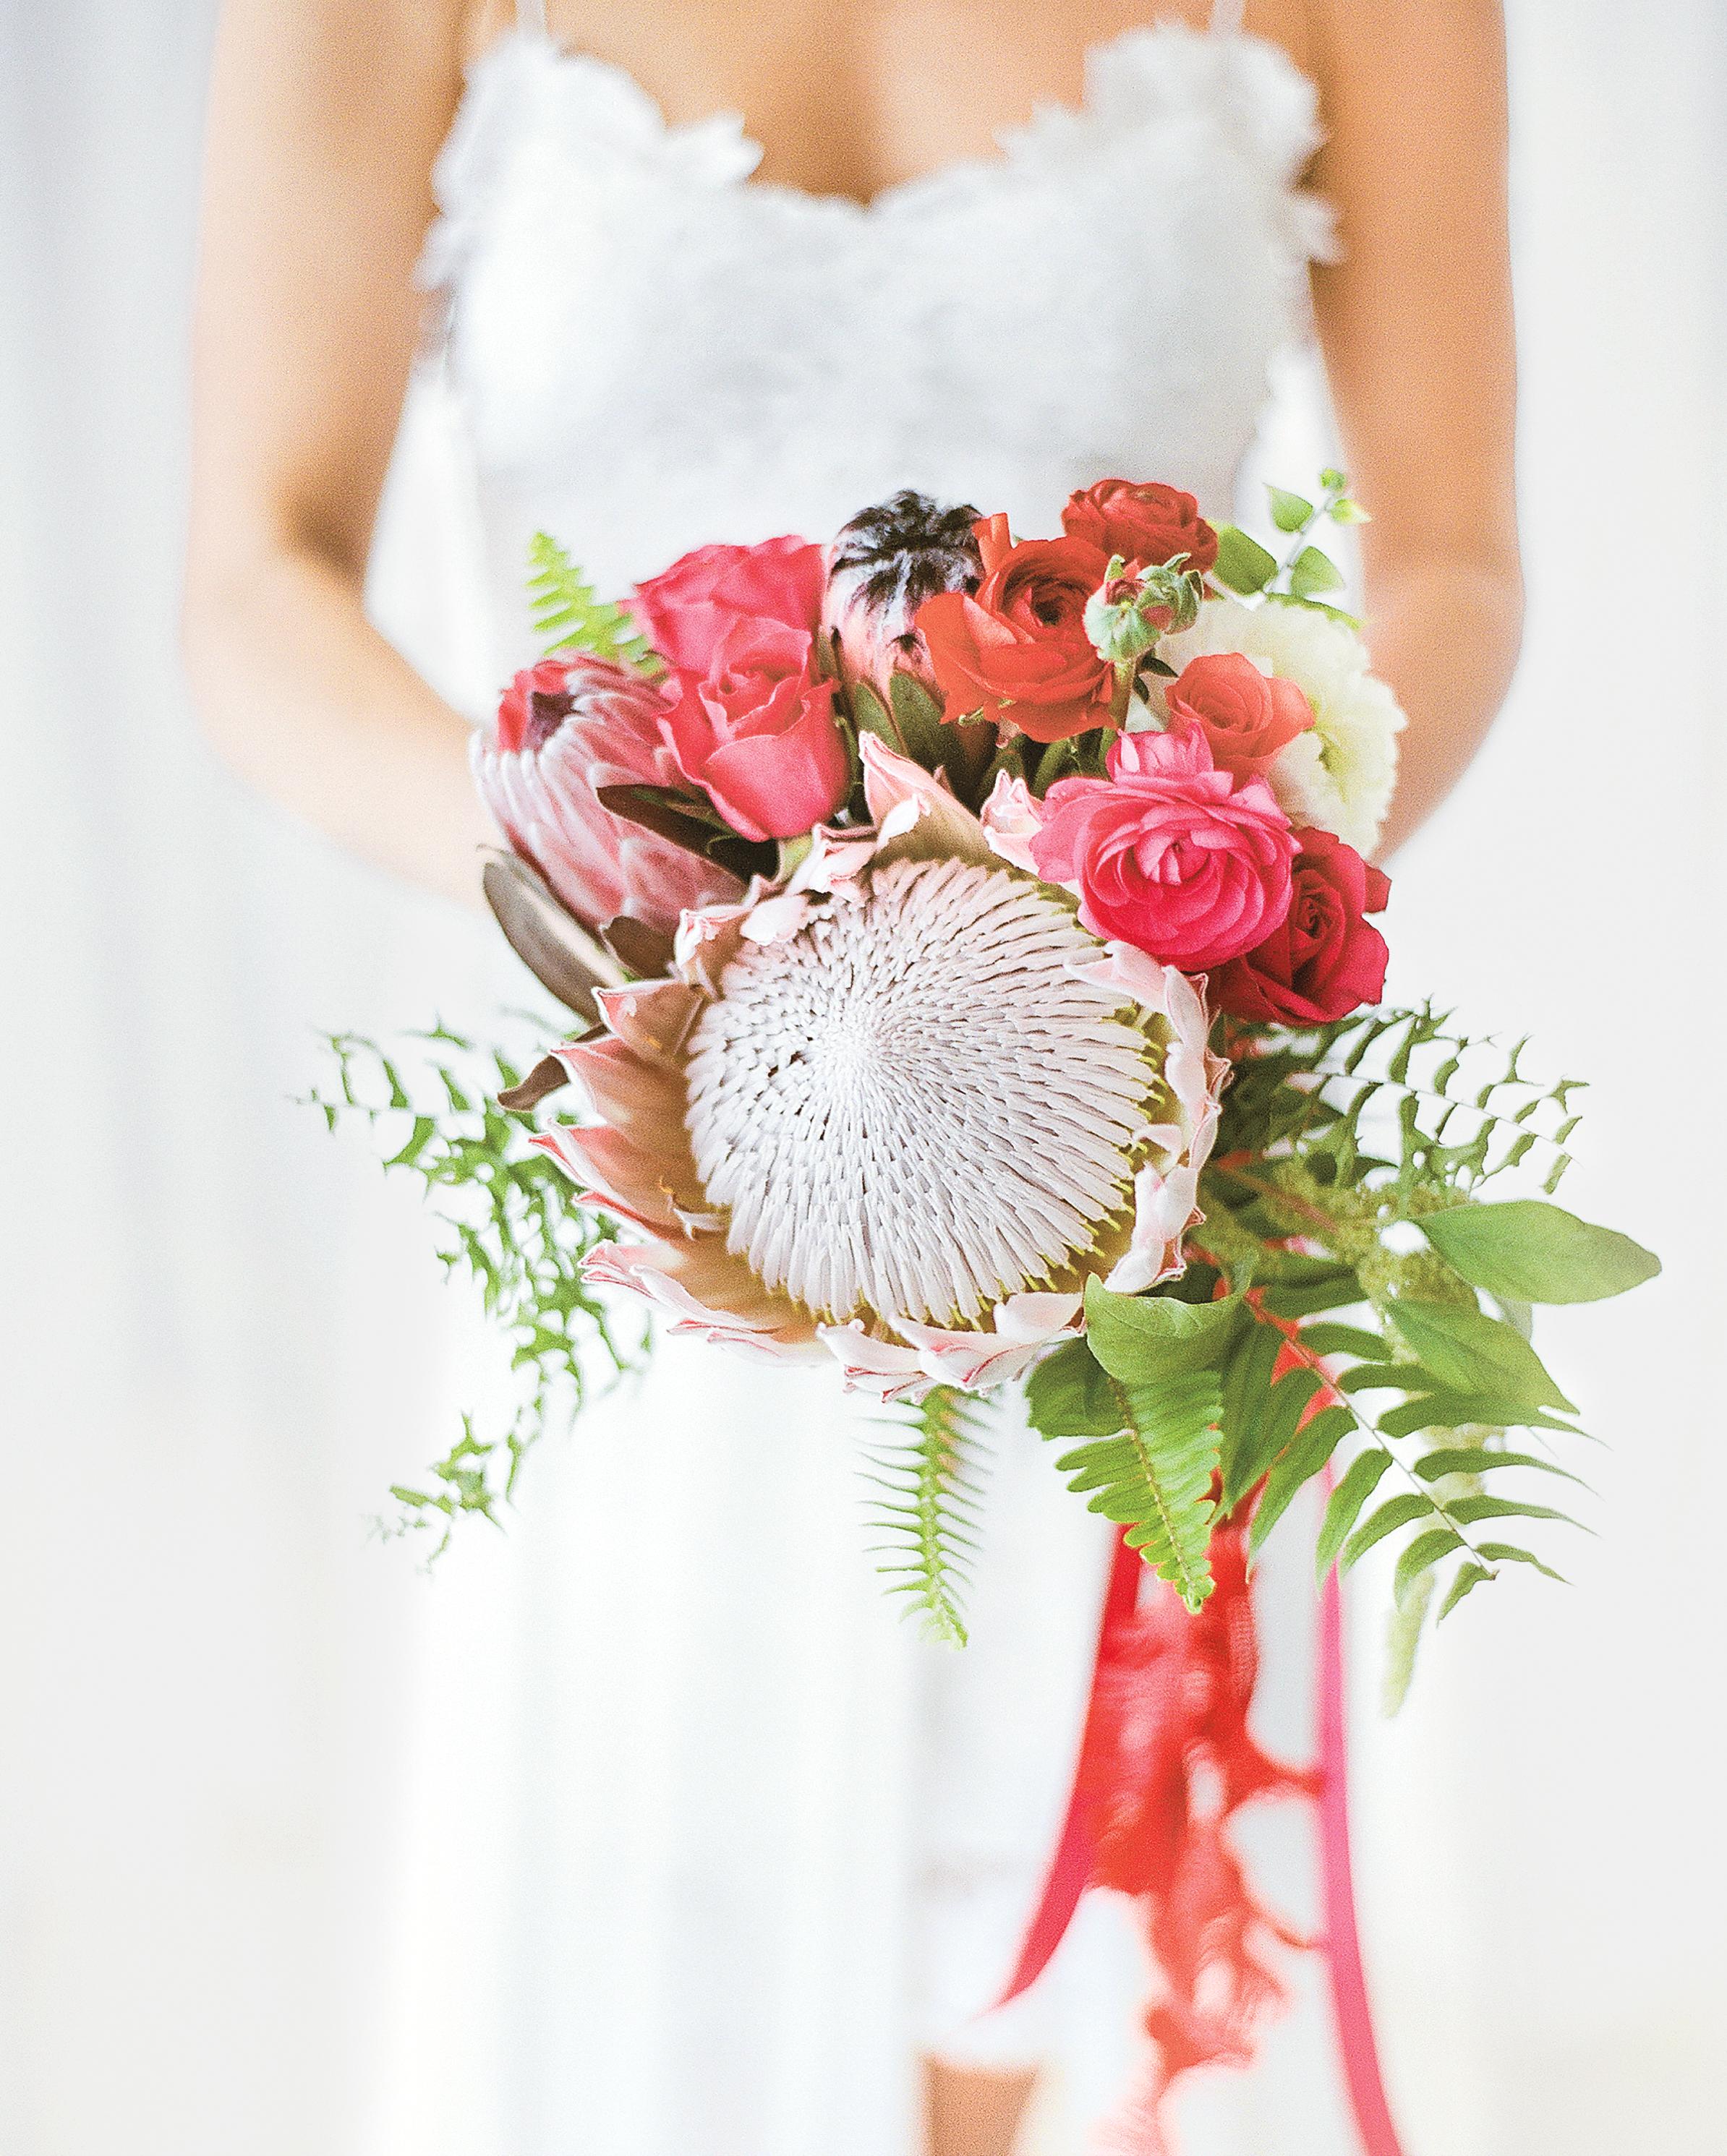 krystal-danny-wedding-mexico-0031-s112063.jpg